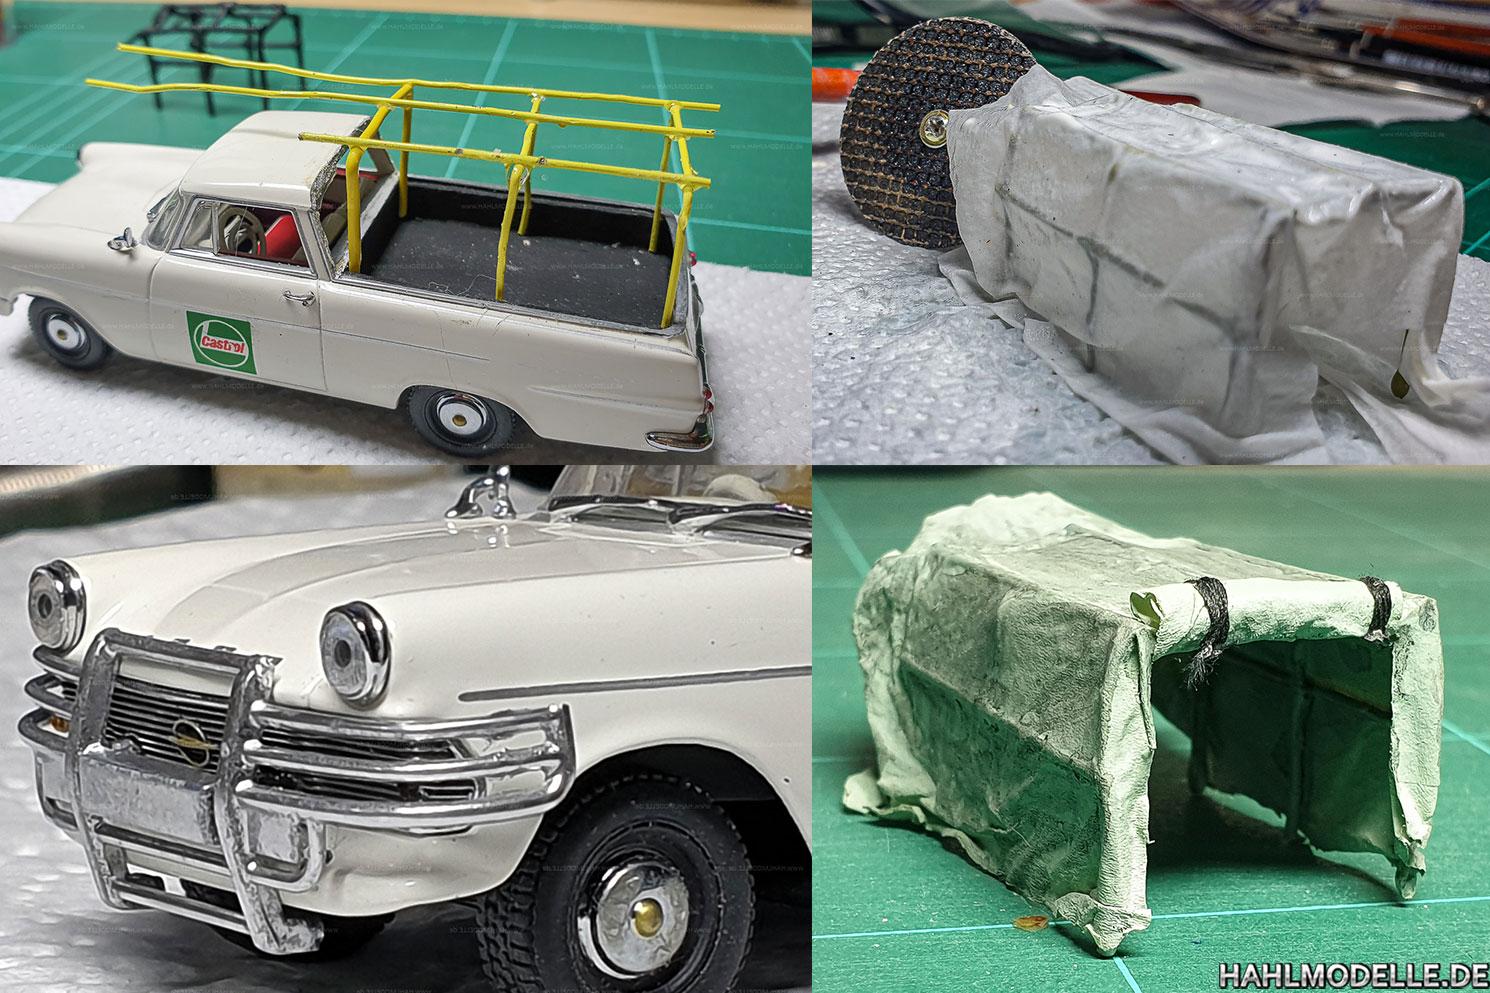 hahlmodelle.de | Opel Rekord P2 PickUp: Zweite Version von Spriegel und Rammschutz, die Plane entsteht auch